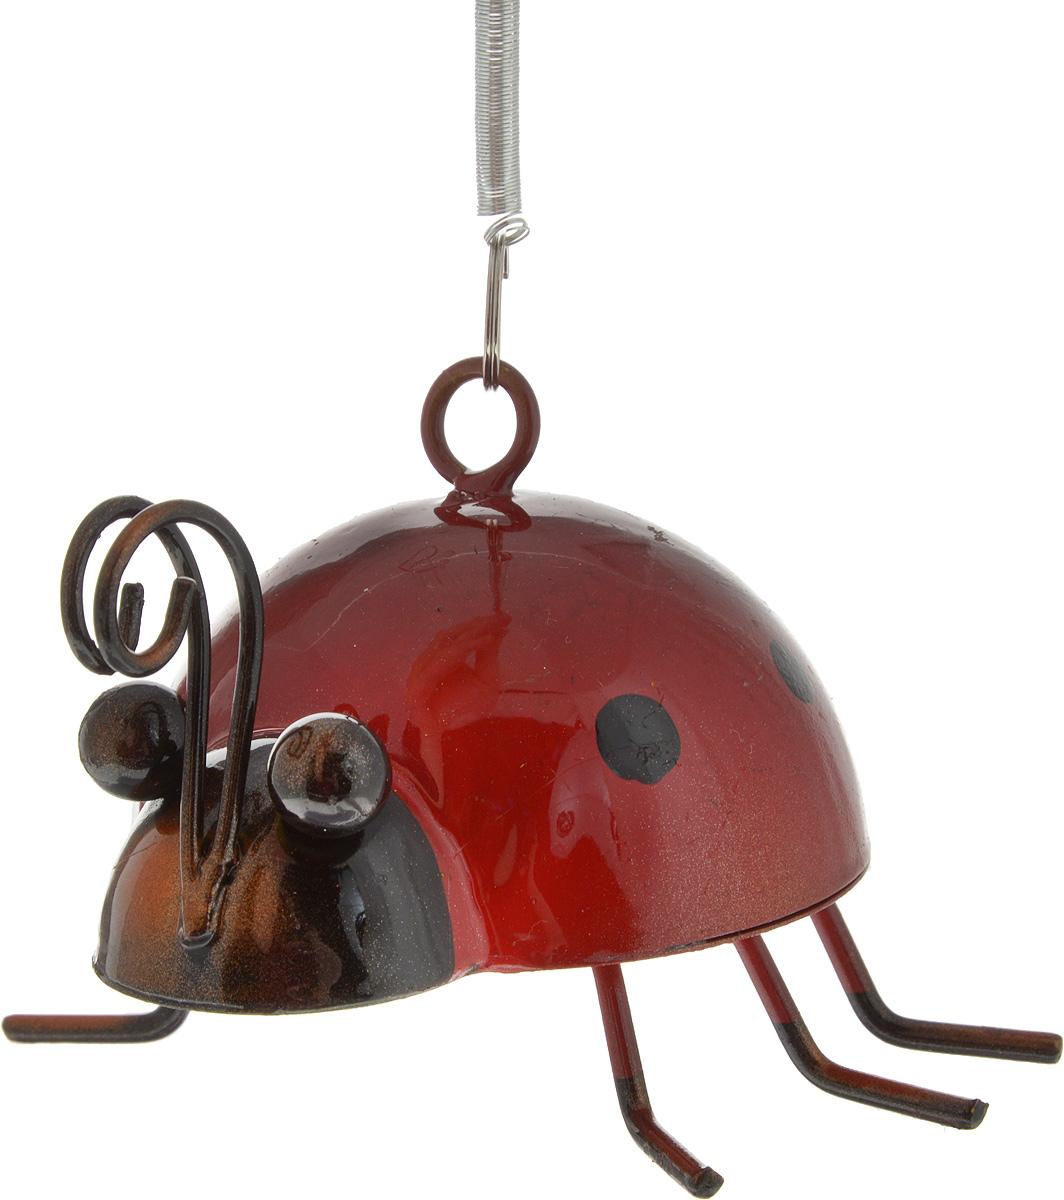 Украшение декоративное подвесное Феникс-Презент Божья коровка, 10 х 10 х 38 смNLED-454-9W-BKПодвесное декоративное украшение Феникс-Презент Божья коровка, выполненное из черного окрашенного металла, отлично подойдет для дизайна дачного участка. Изделие оснащено пружиной с петелькой для удобного подвешивания. Такое украшение создаст правдоподобную декорацию живой природы.Декоративные садовые фигурки представляют собой последний штрих при создании ландшафтного дизайна дачного или приусадебного участка. Подвесное декоративное украшение Феникс-Презент Божья коровка поднимет настроение вам, вашим друзьям и родным, а также станет отличным подарком.Размер украшения (без учета петельки с пружиной): 10 х 10 х 6 см.Максимальная высота украшения за счет пружины: 30 см.